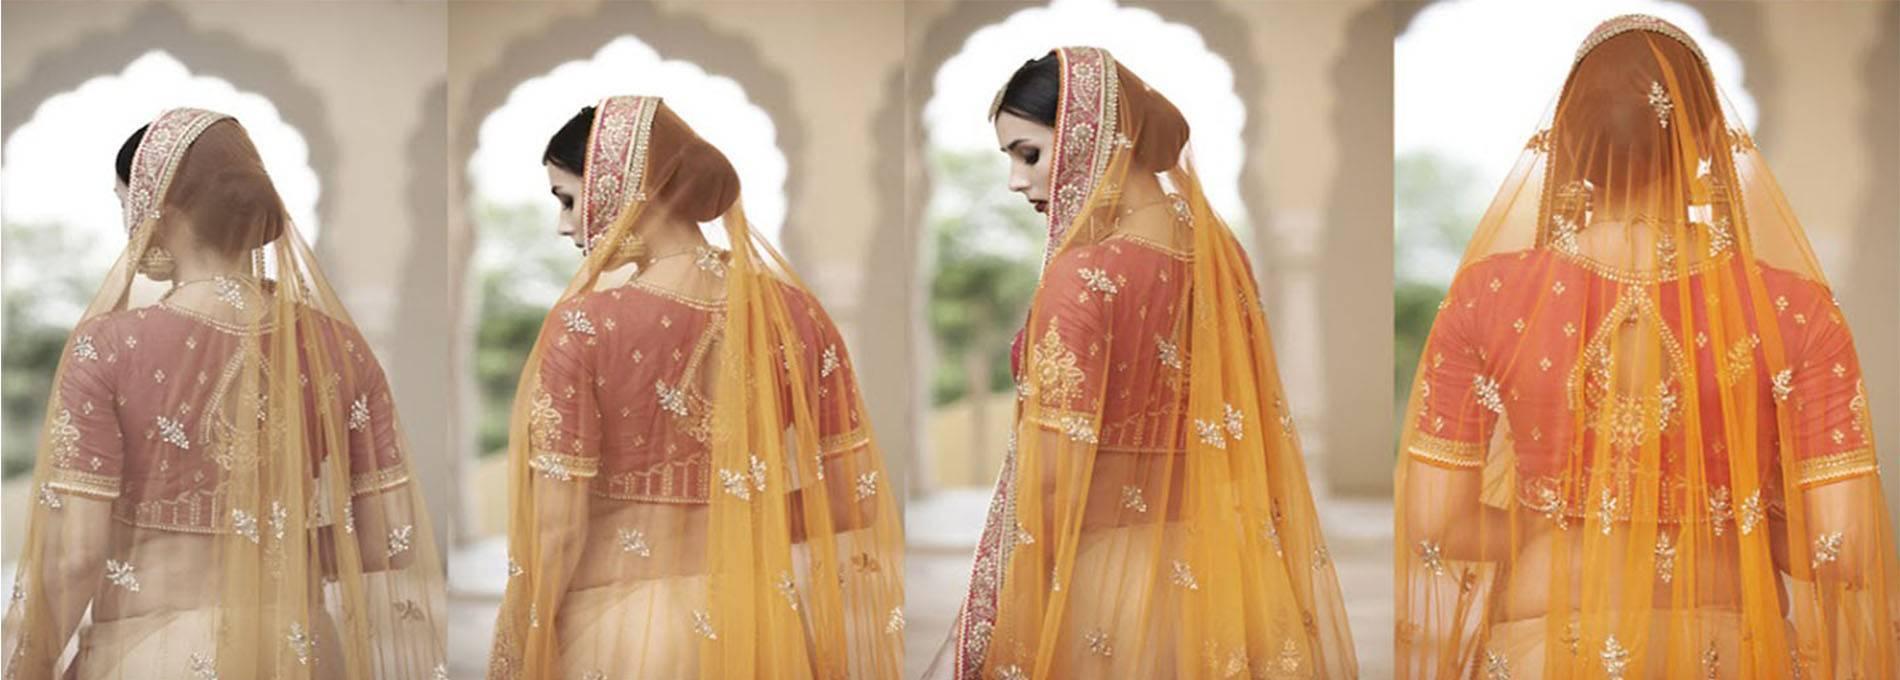 Artikel mit Schlagwort exklusiver Sari